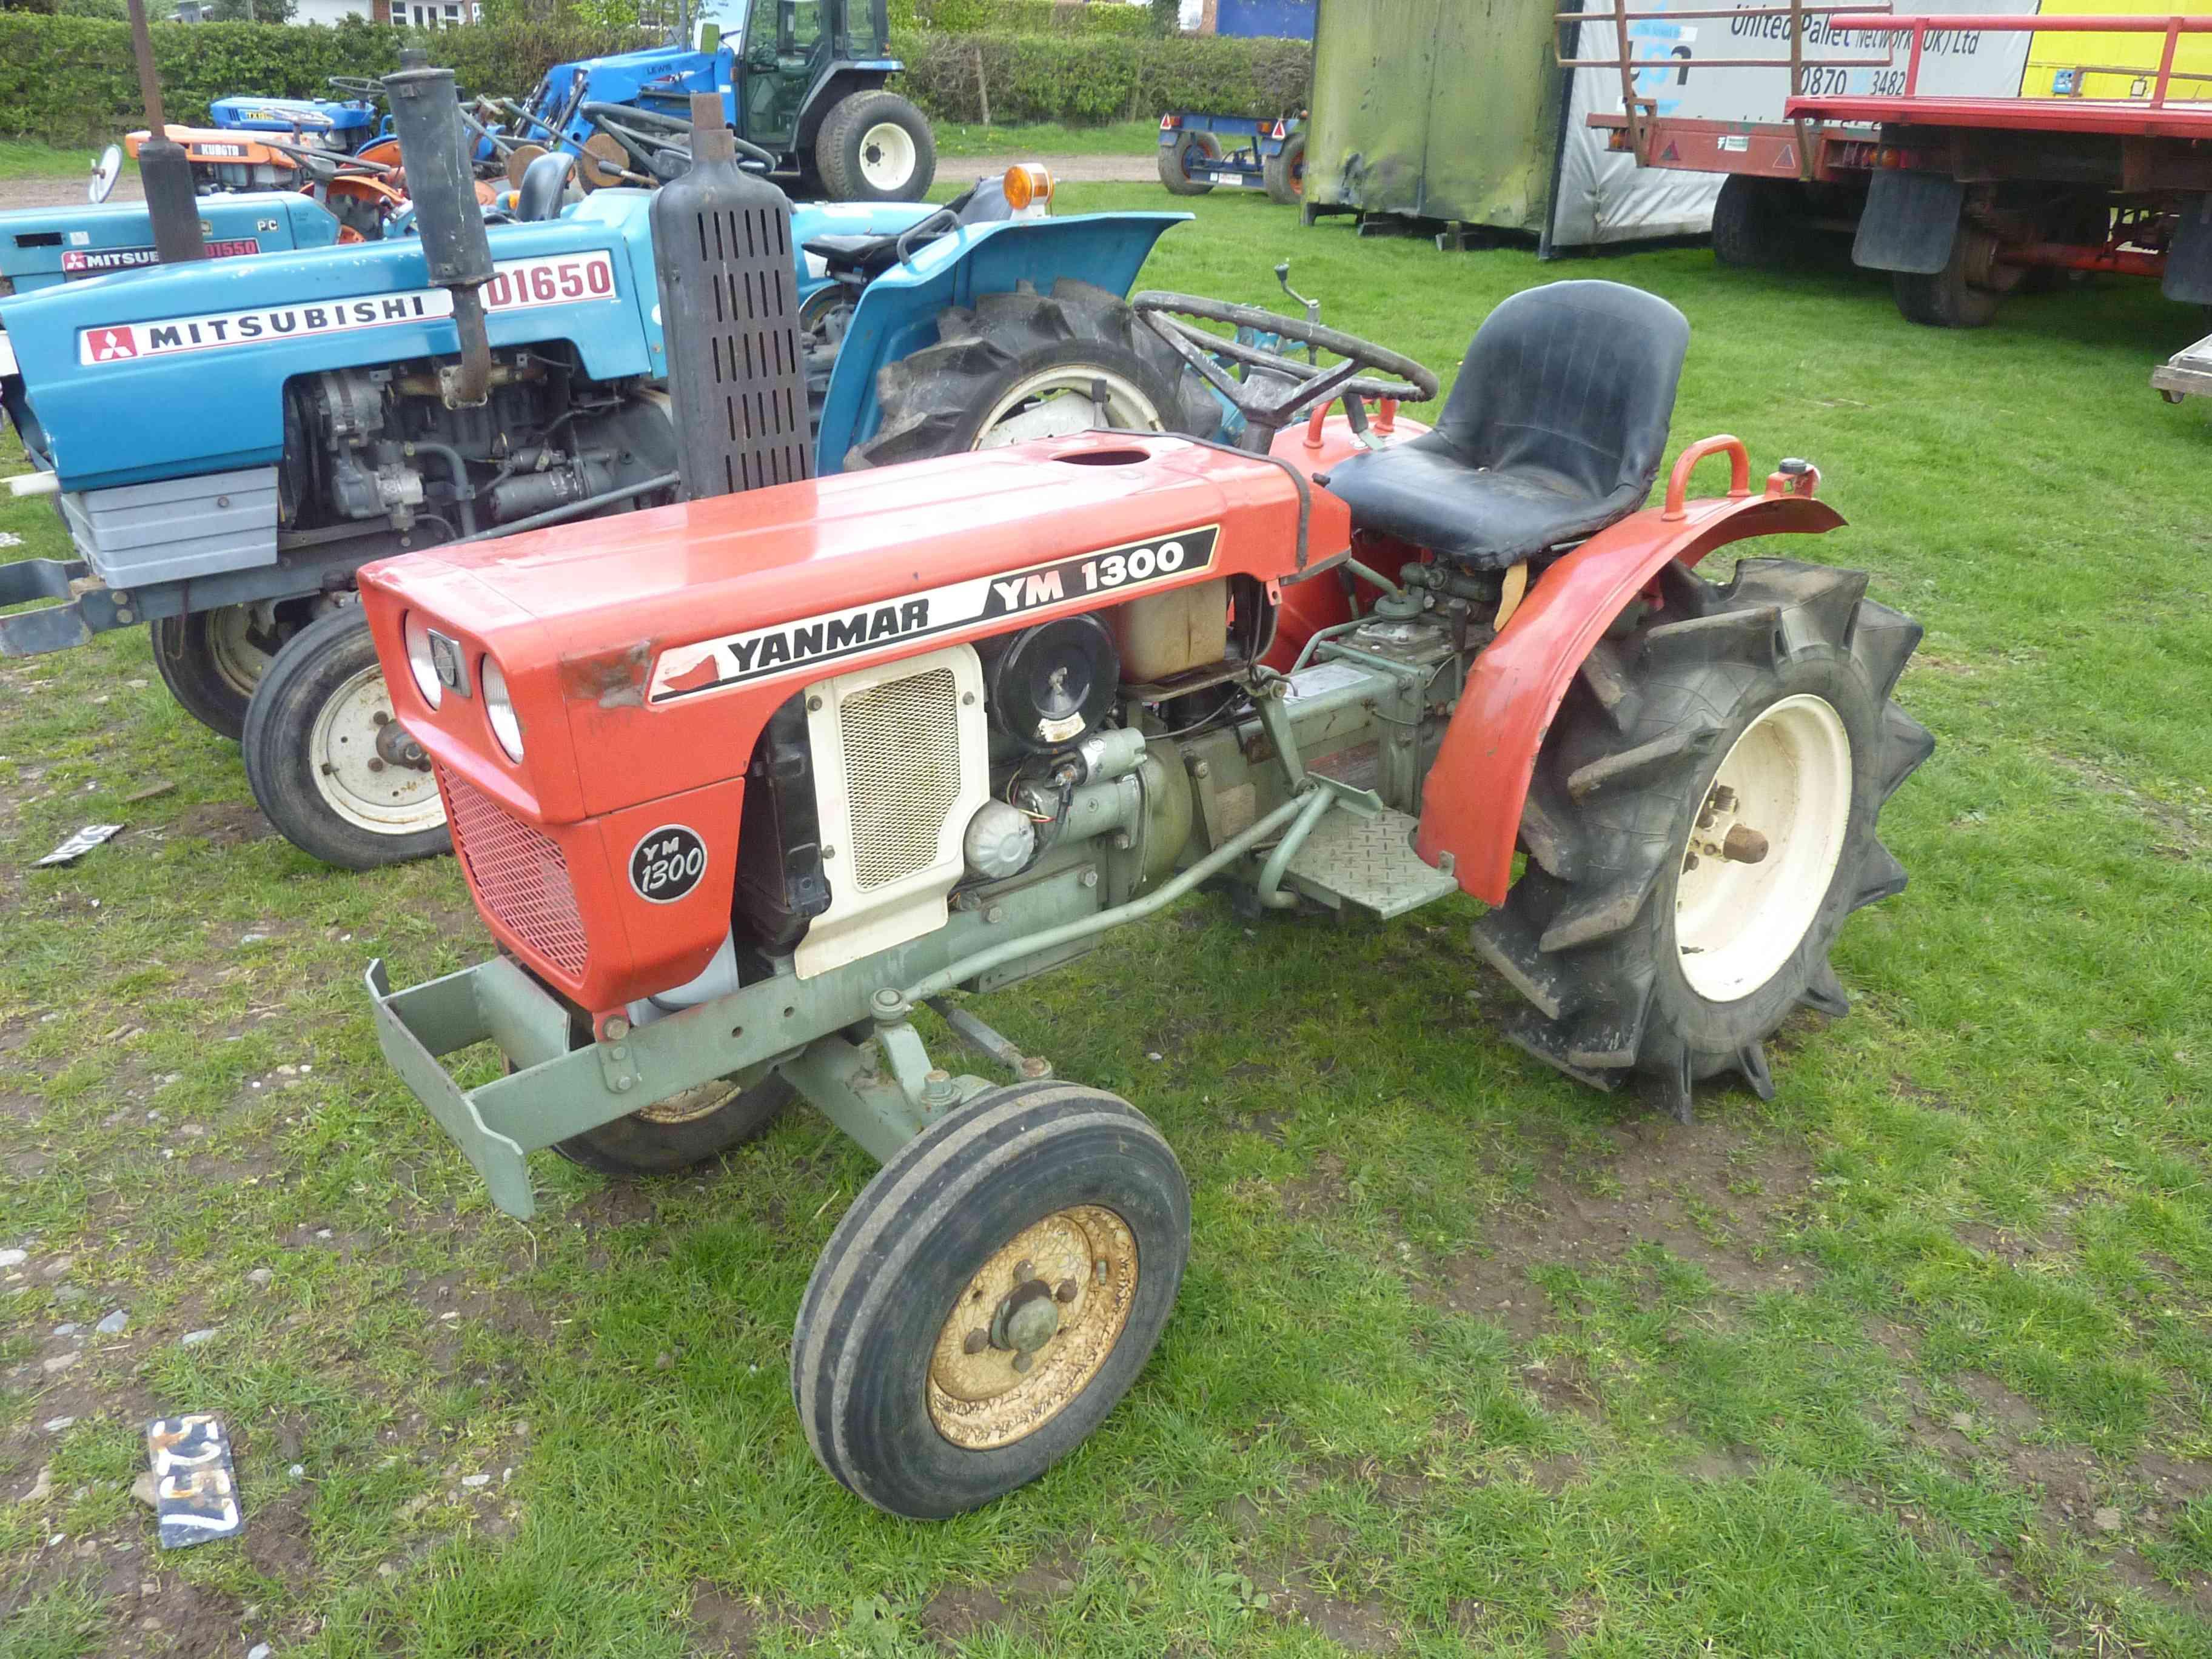 Lot 5257 - 5257 Yanmar TM 1300 tractor